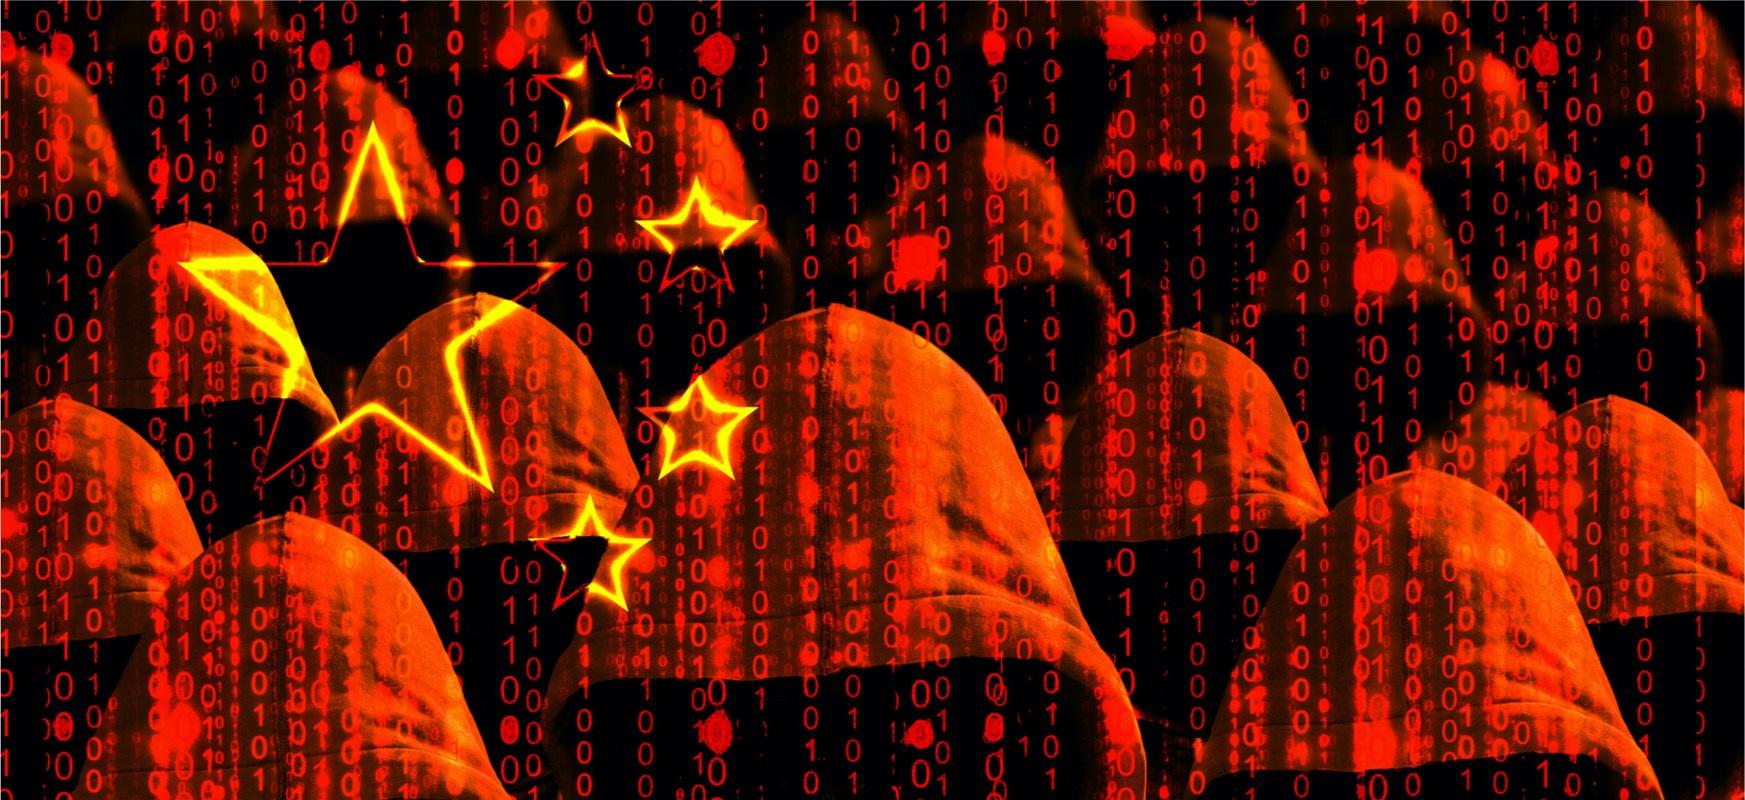 Huawei-k eta Txinak internet aldatu nahi dute, dakigun moduan.  Proposatutako IP protokoloak mendebaldeko munduaren kezkak pizten ditu